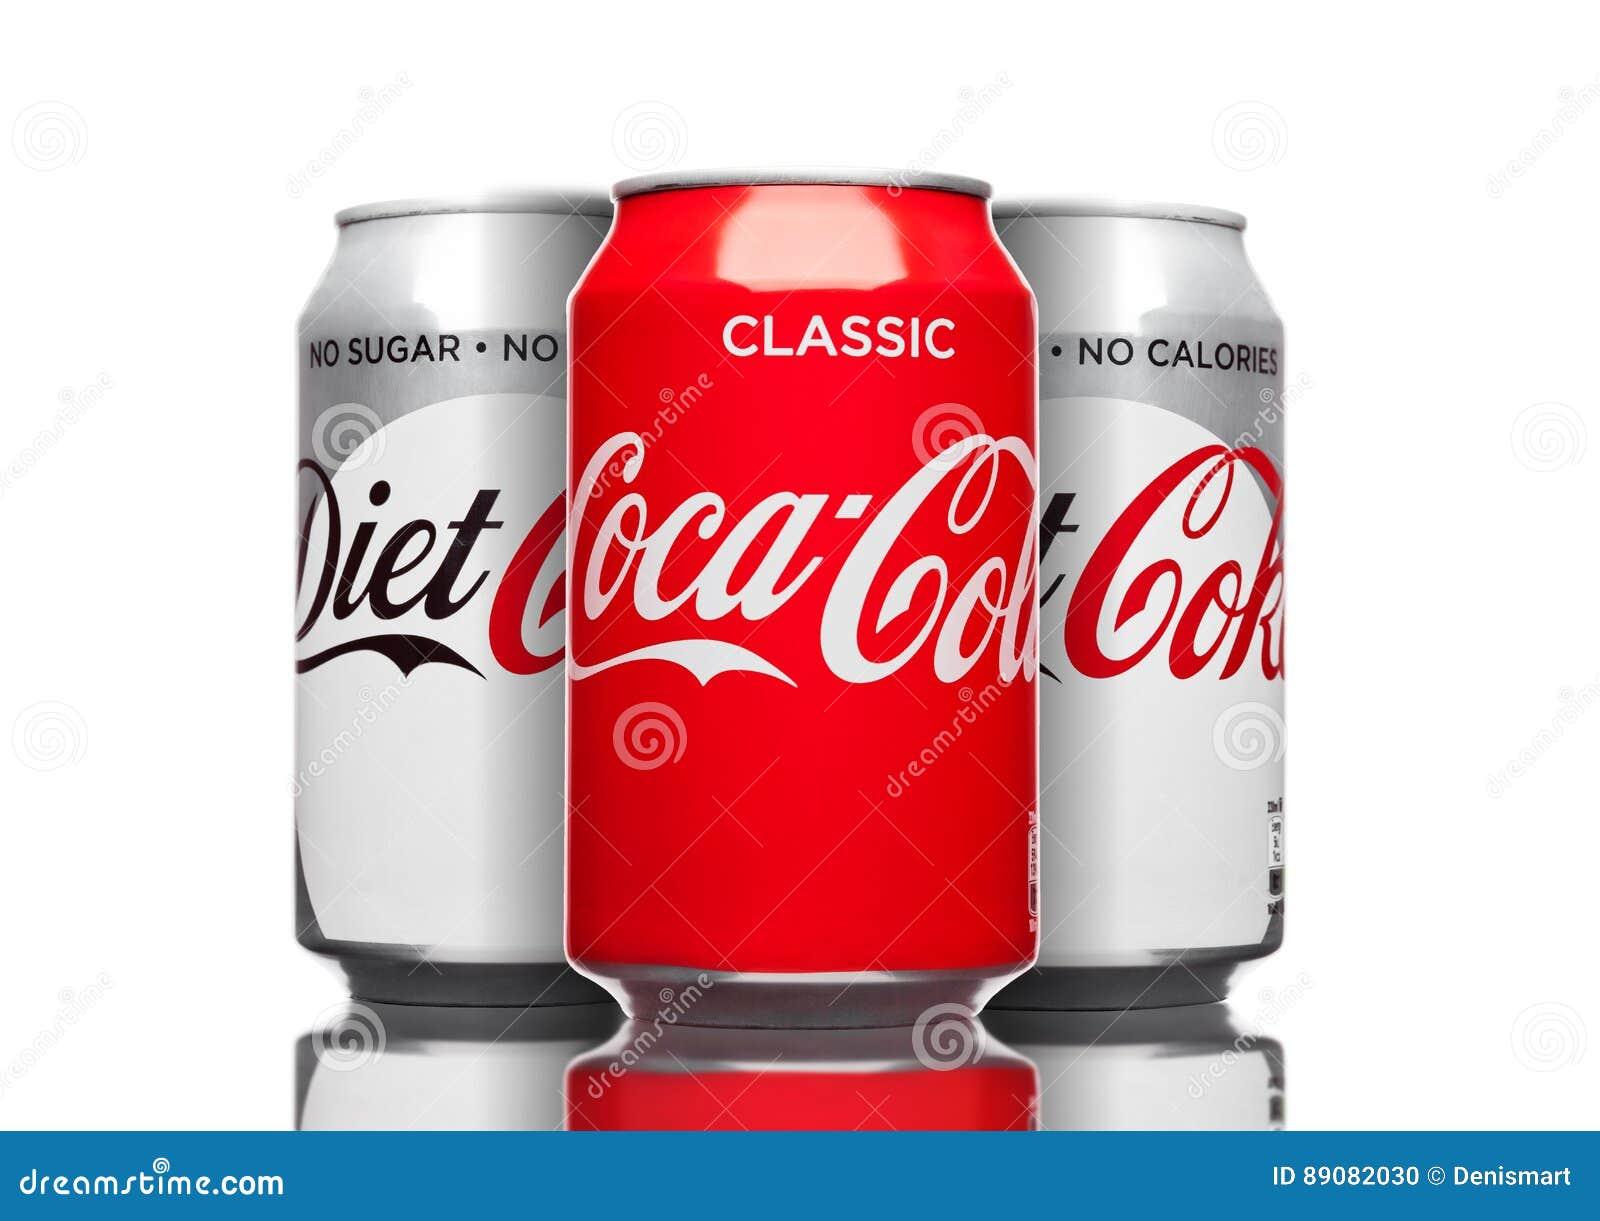 LONDRA, REGNO UNITO - 21 MARZO 2017: Latte di Coca Cola classiche e bevanda di dieta su bianco La bevanda è prodotta e fabbricata